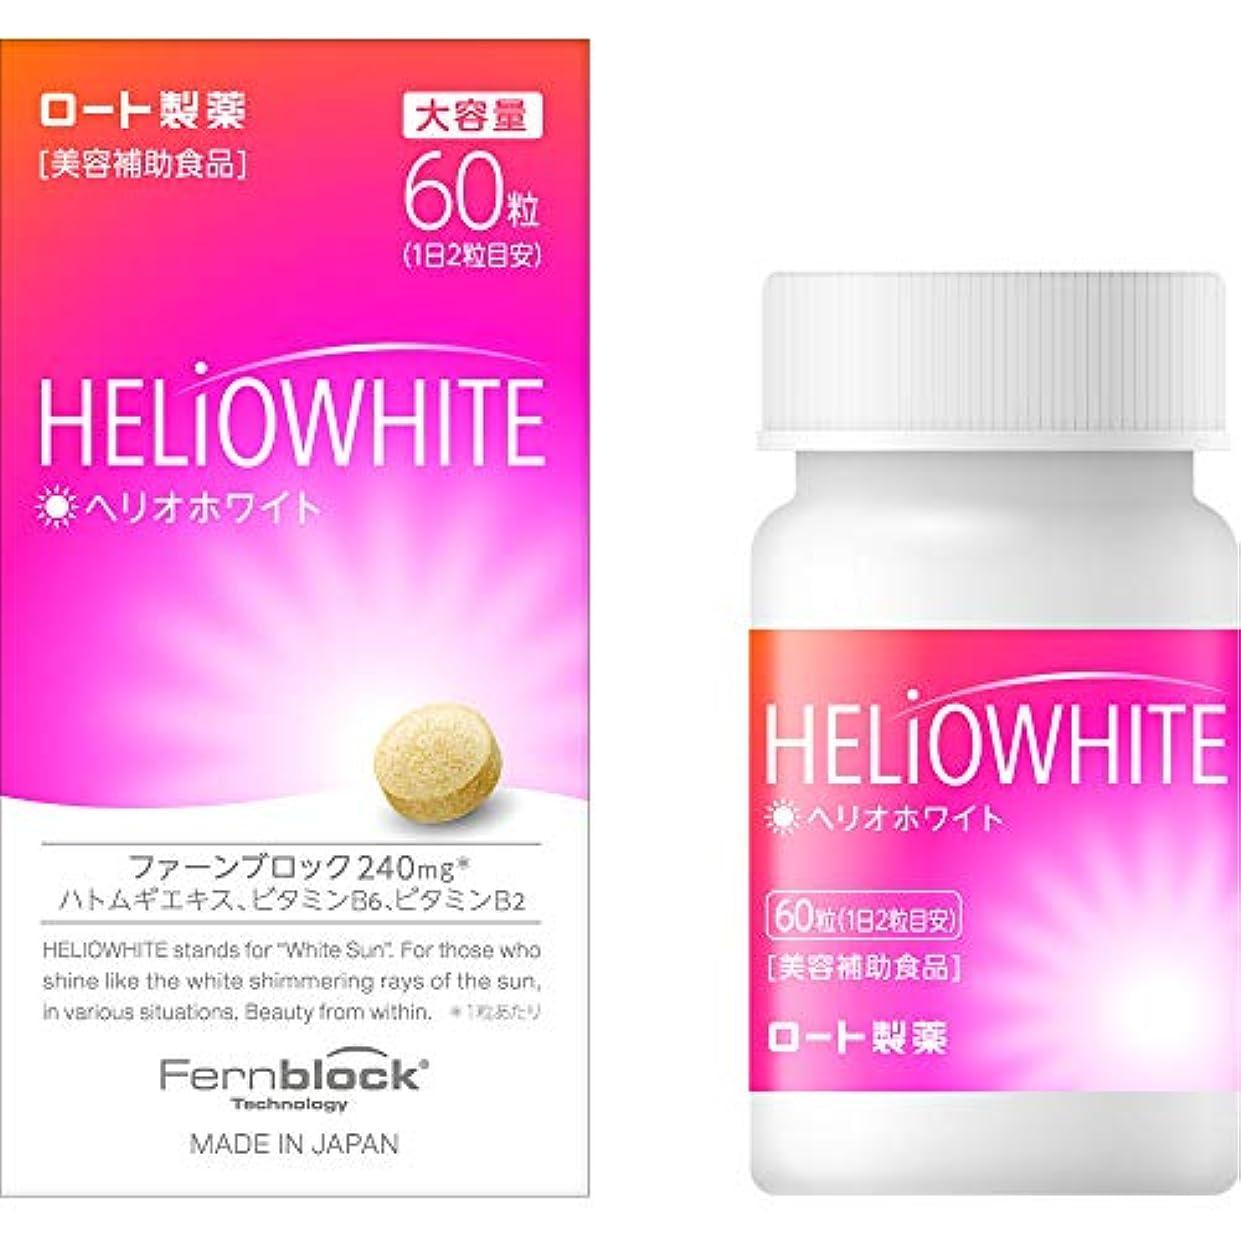 メンバー現実にはクリエイティブロート製薬 ヘリオホワイト 60粒 シダ植物抽出成分 ファーンブロック Fernblock 240mg 配合 美容補助食品